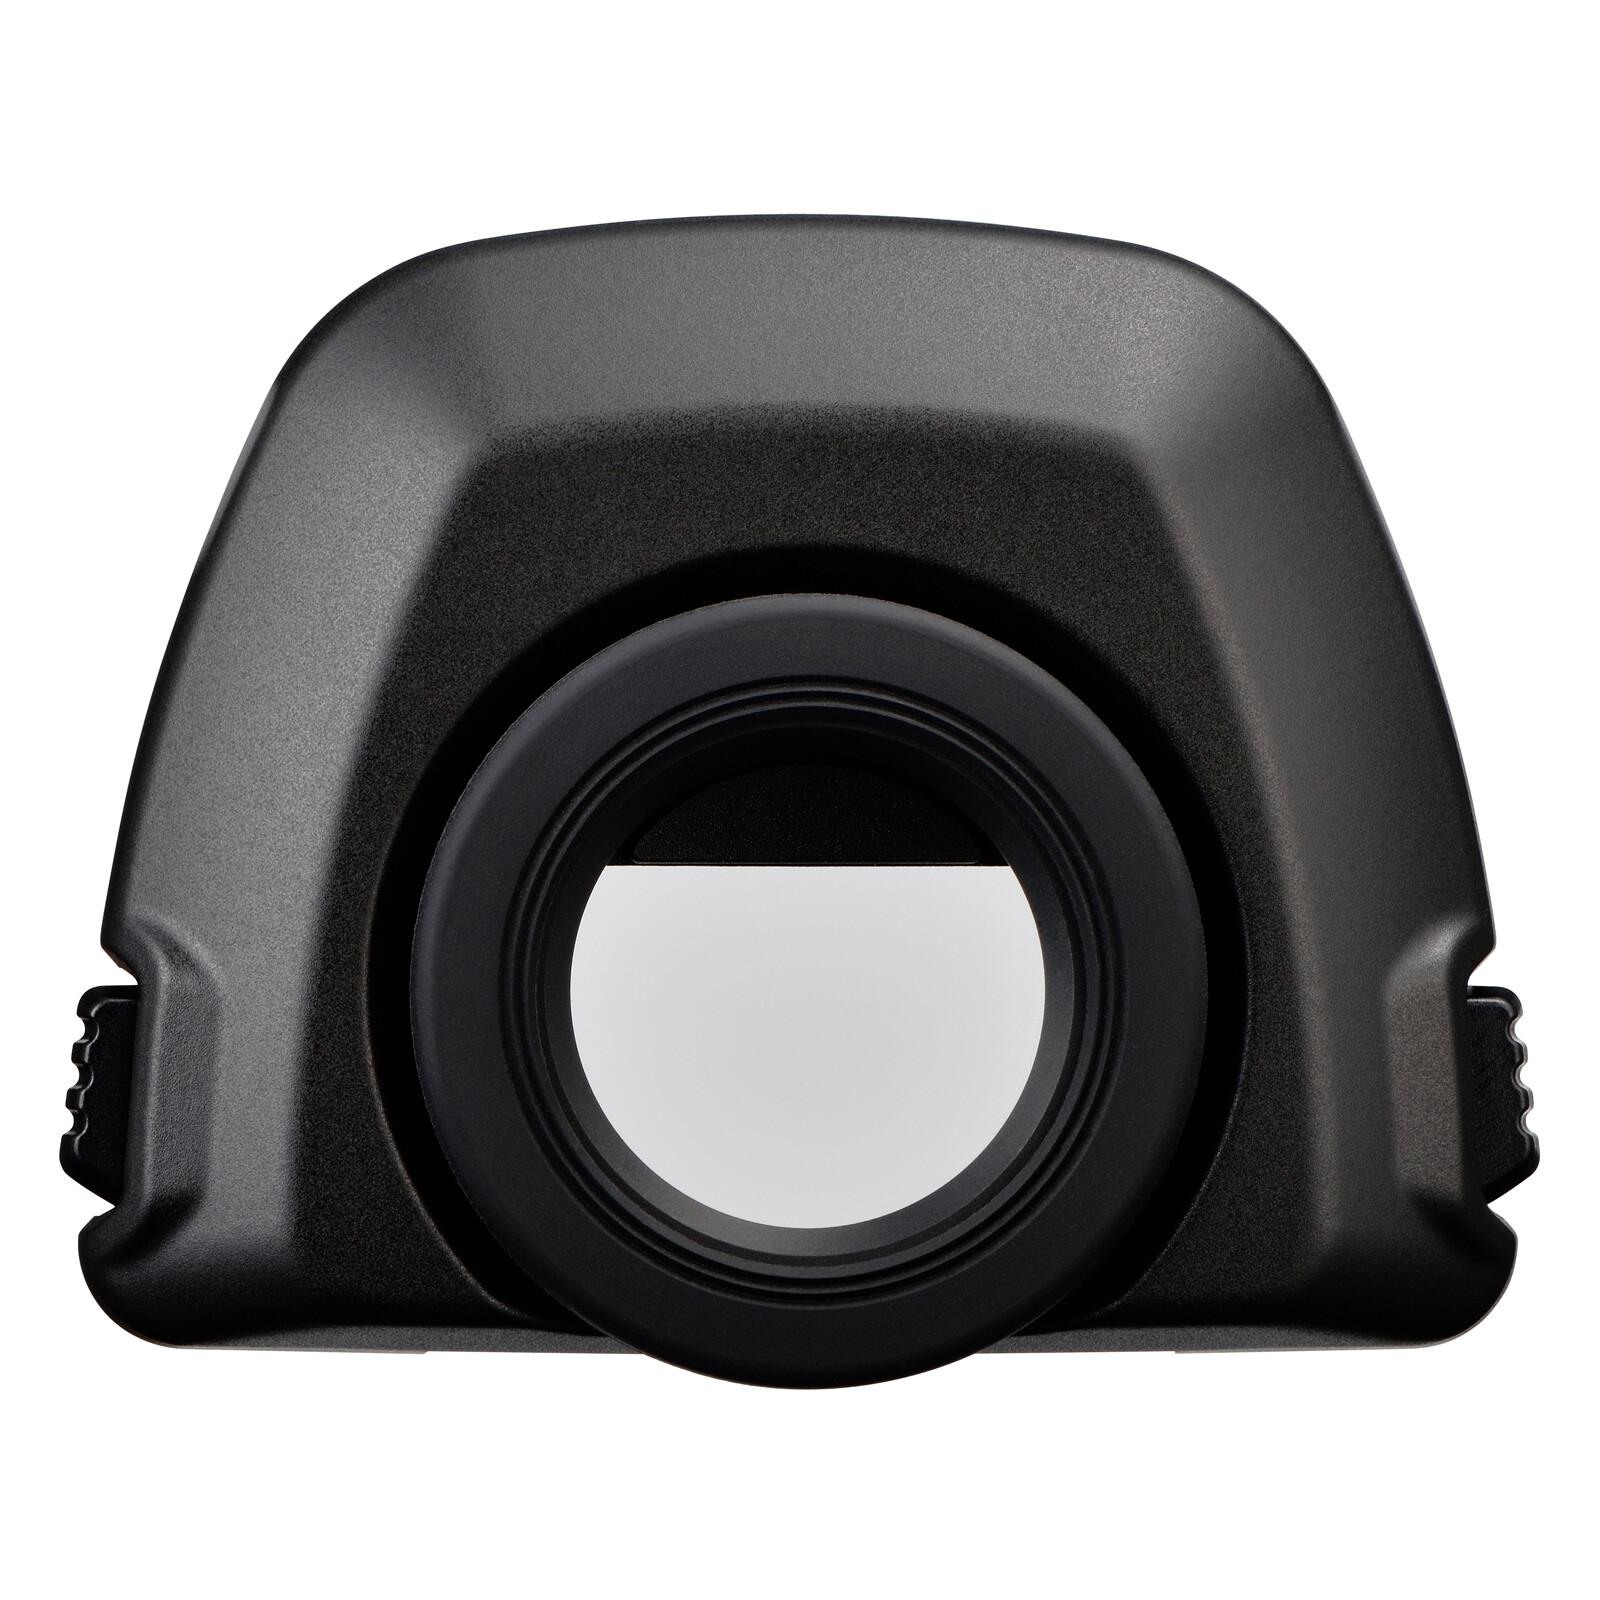 Nikon DK-27 Okkularadapter